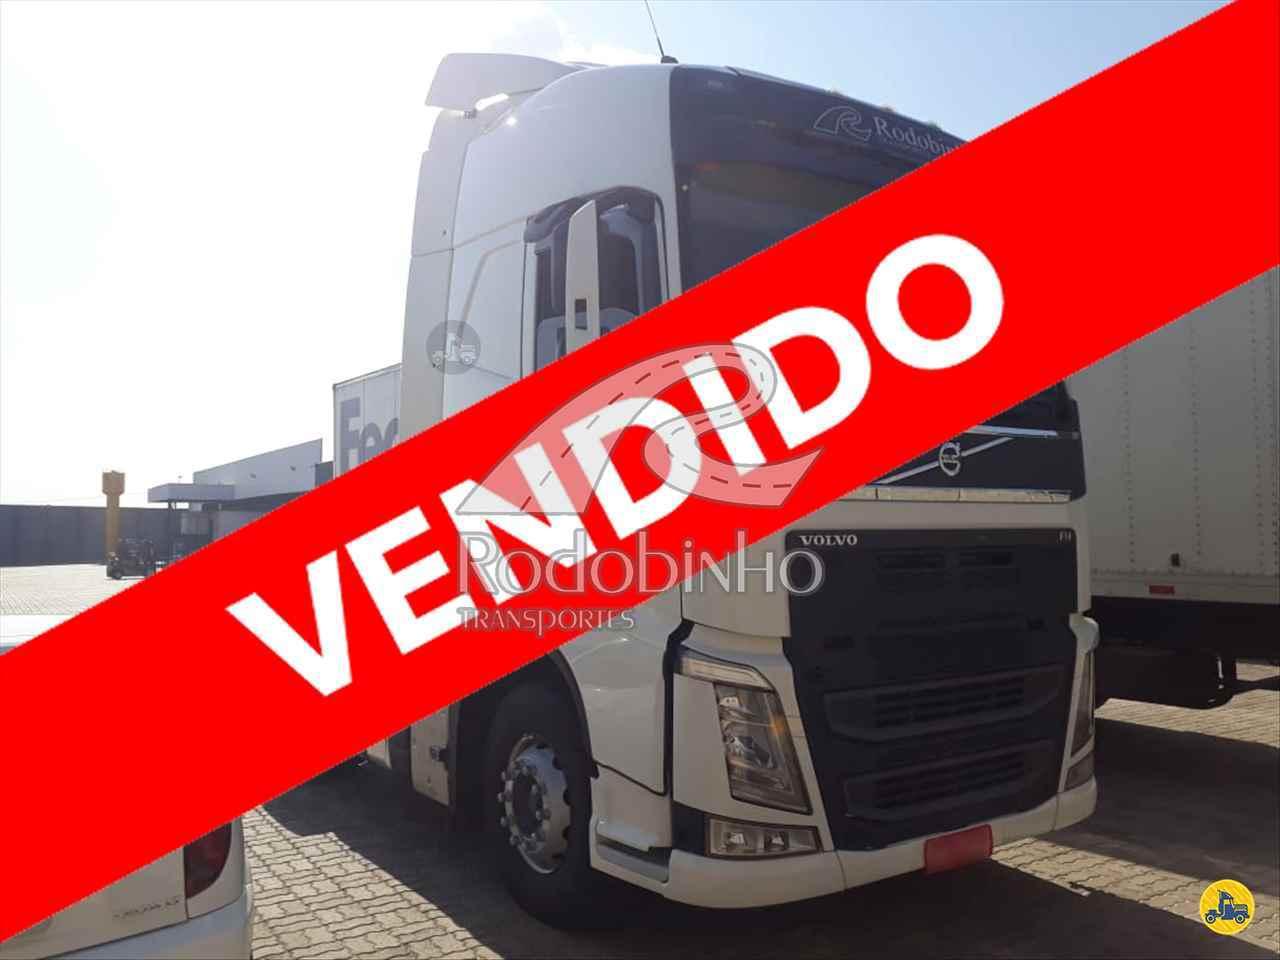 VOLVO VOLVO FH 460 800000km 2016/2016 Rodobinho Transportes